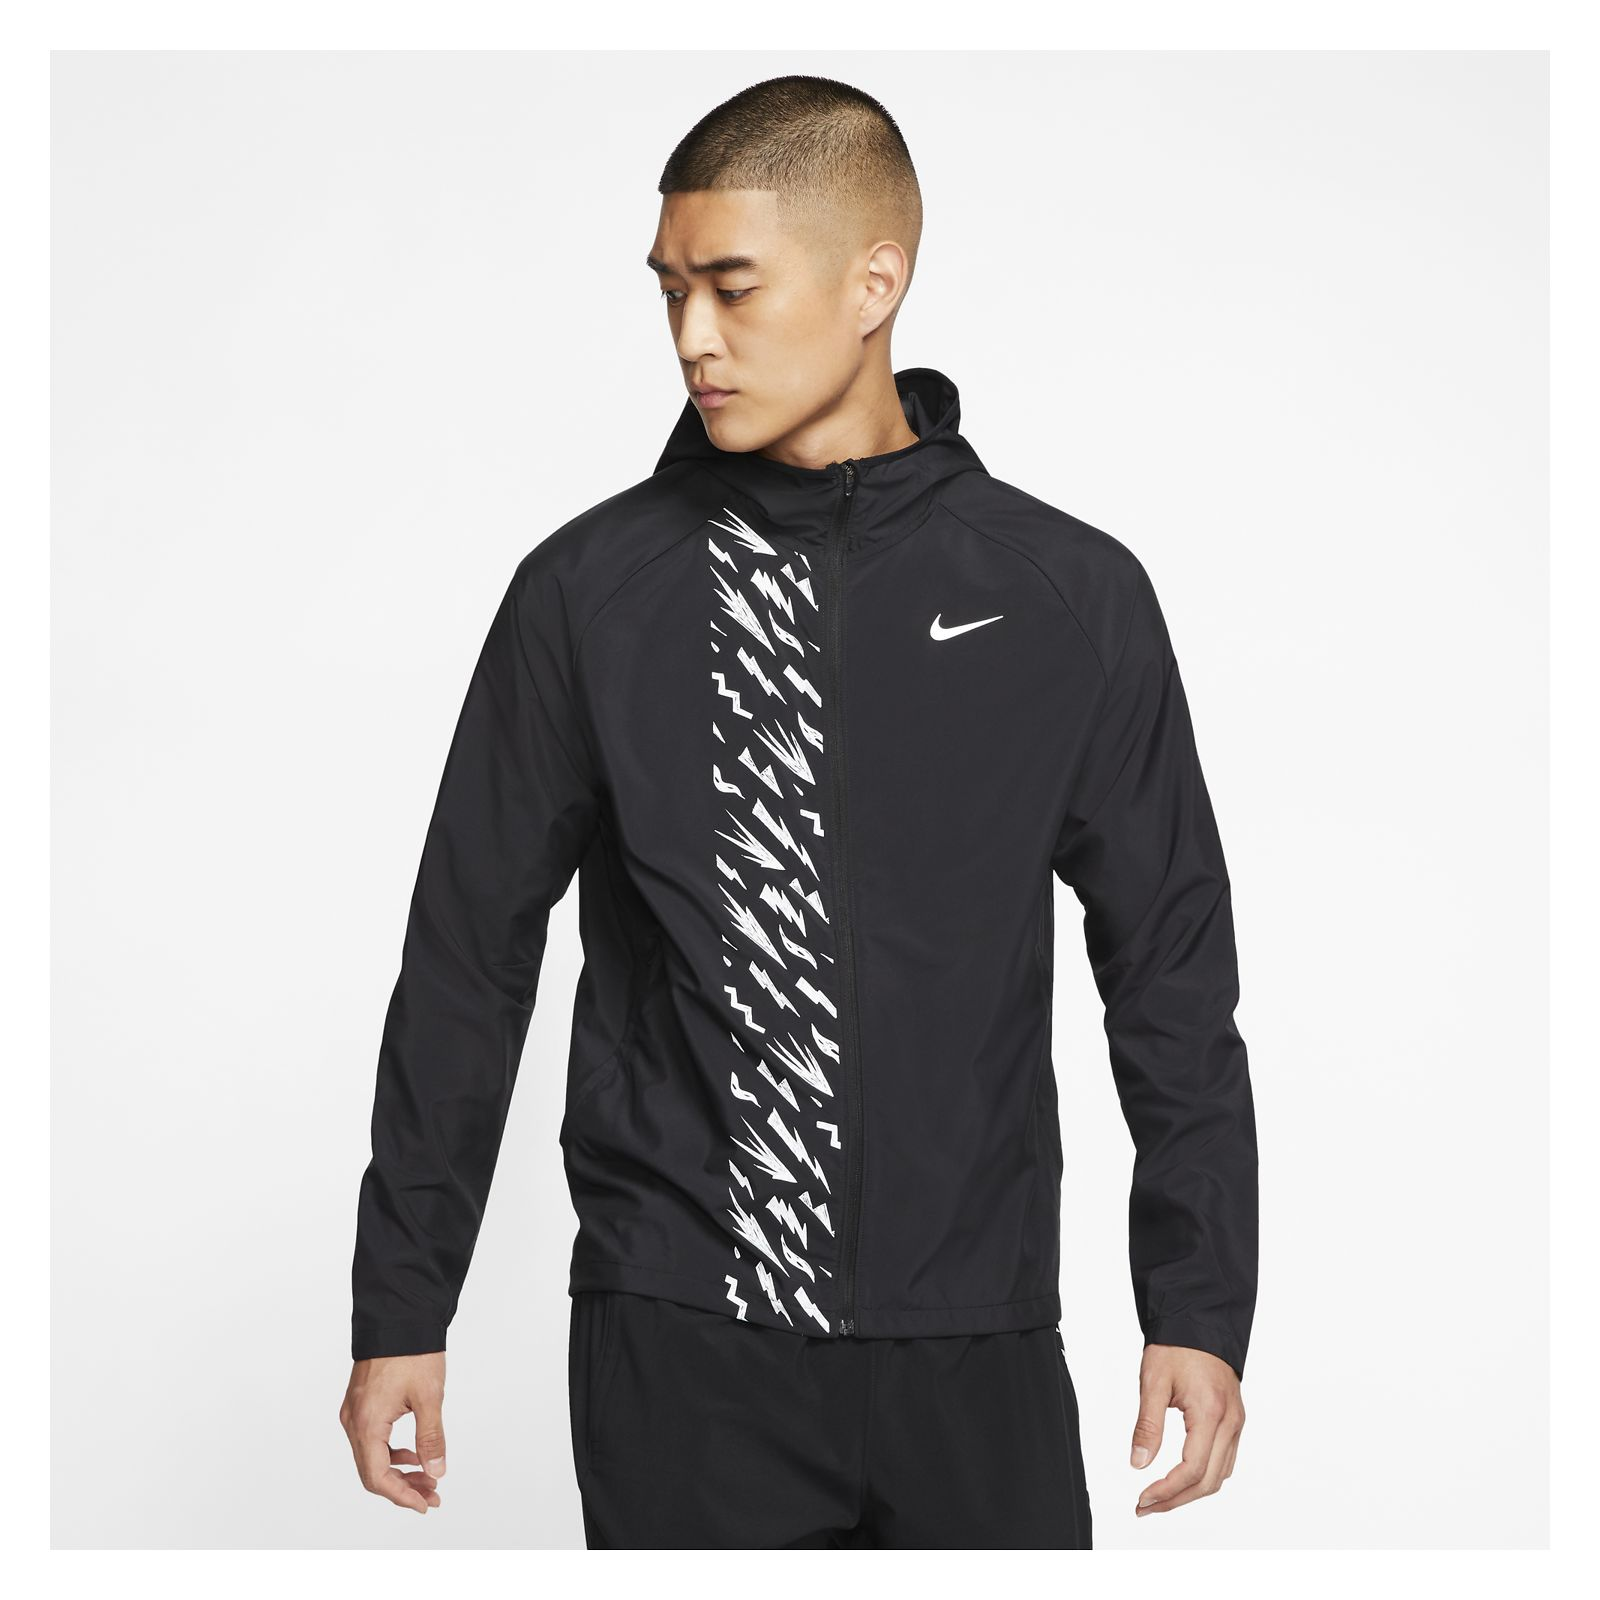 Kurtka męska do biegania Nike Essential CJ5364